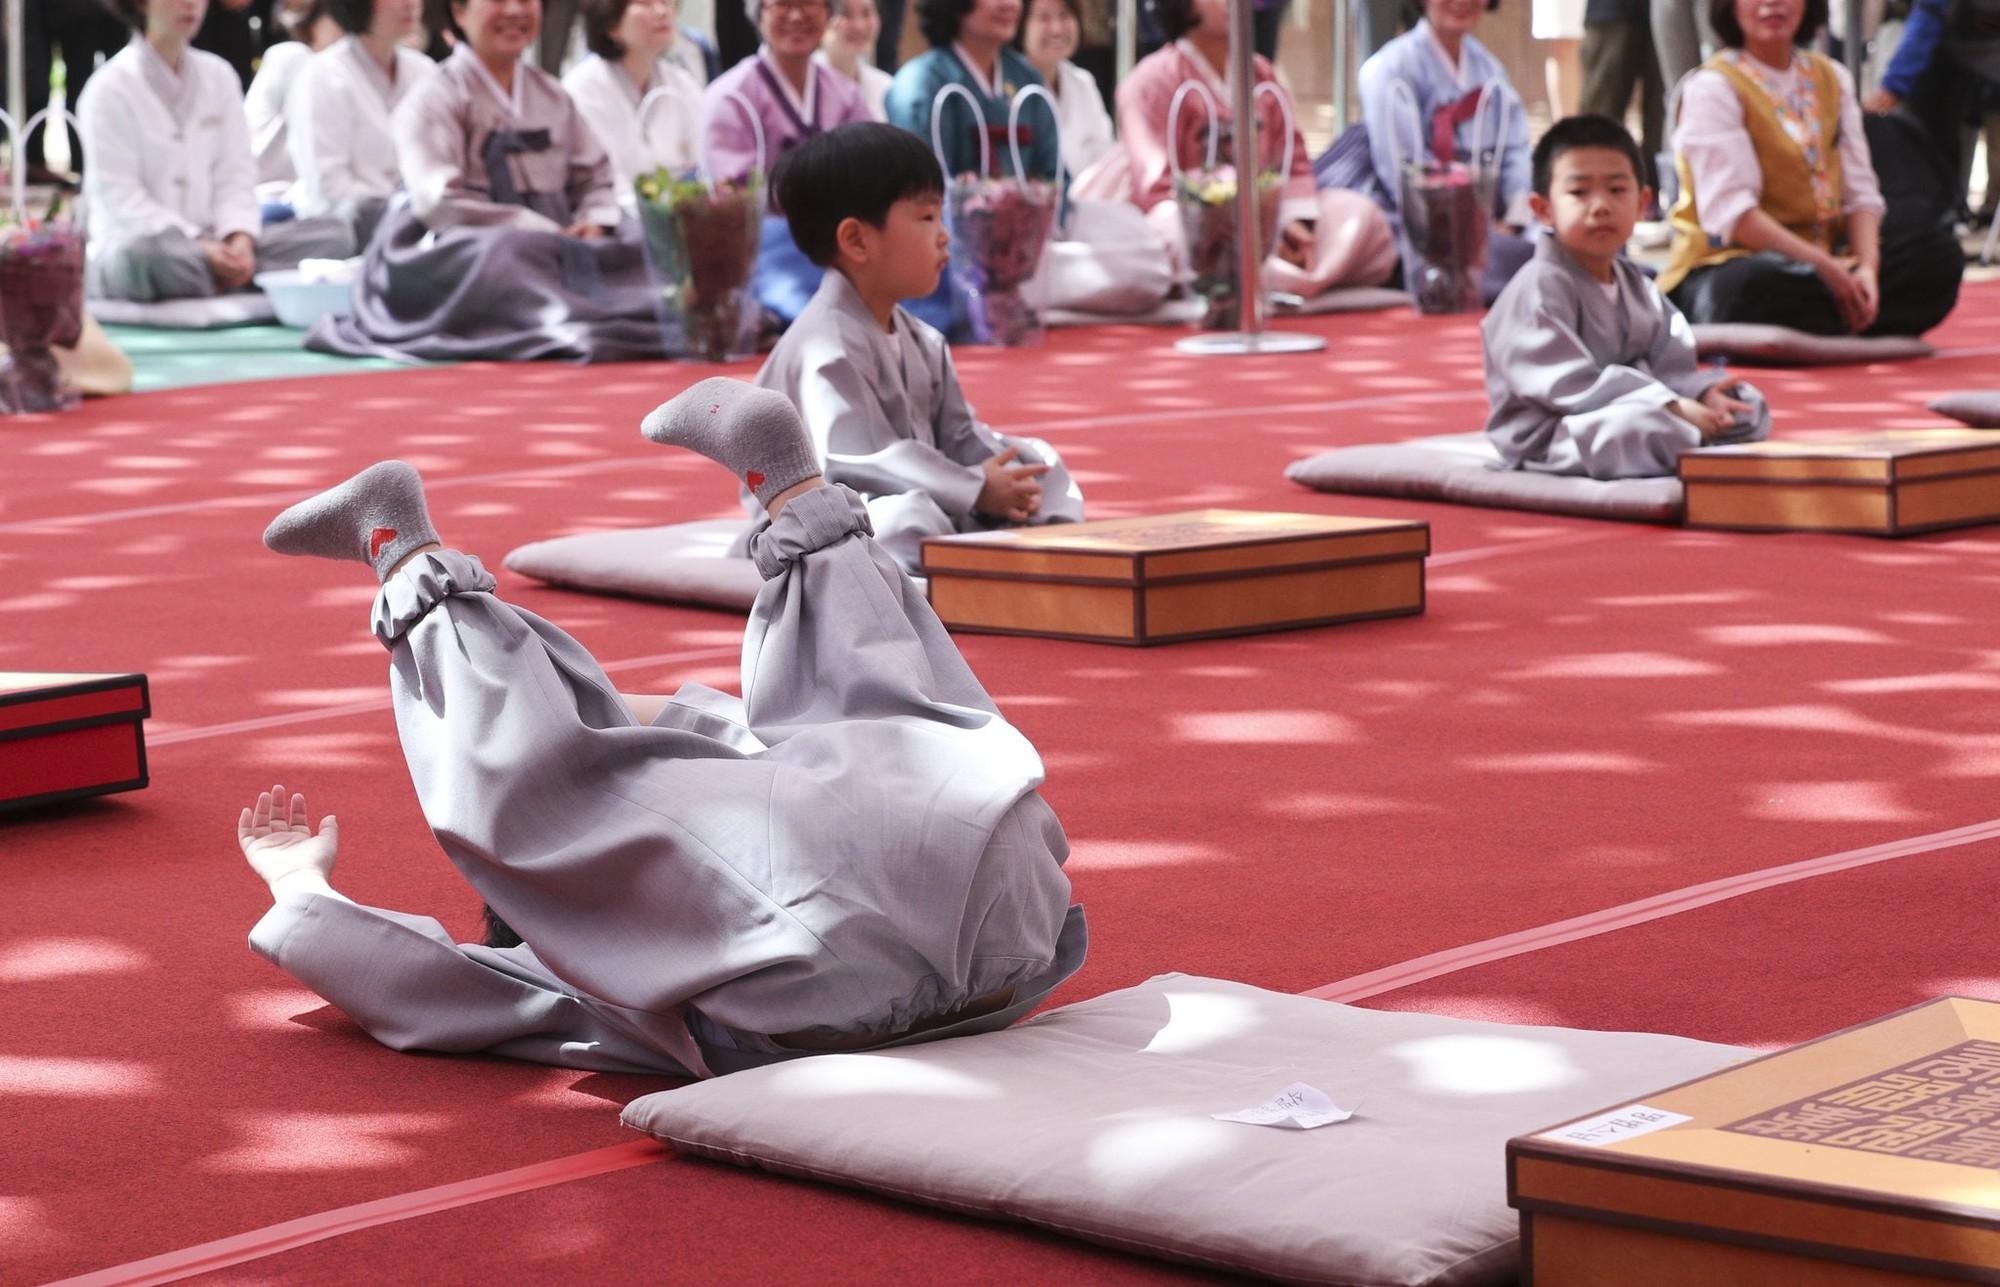 Loạt sắc thái đáng yêu hết nấc của các chú tiểu trong ngày xuống tóc đón lễ Phật Đản ở Hàn Quốc - Ảnh 7.